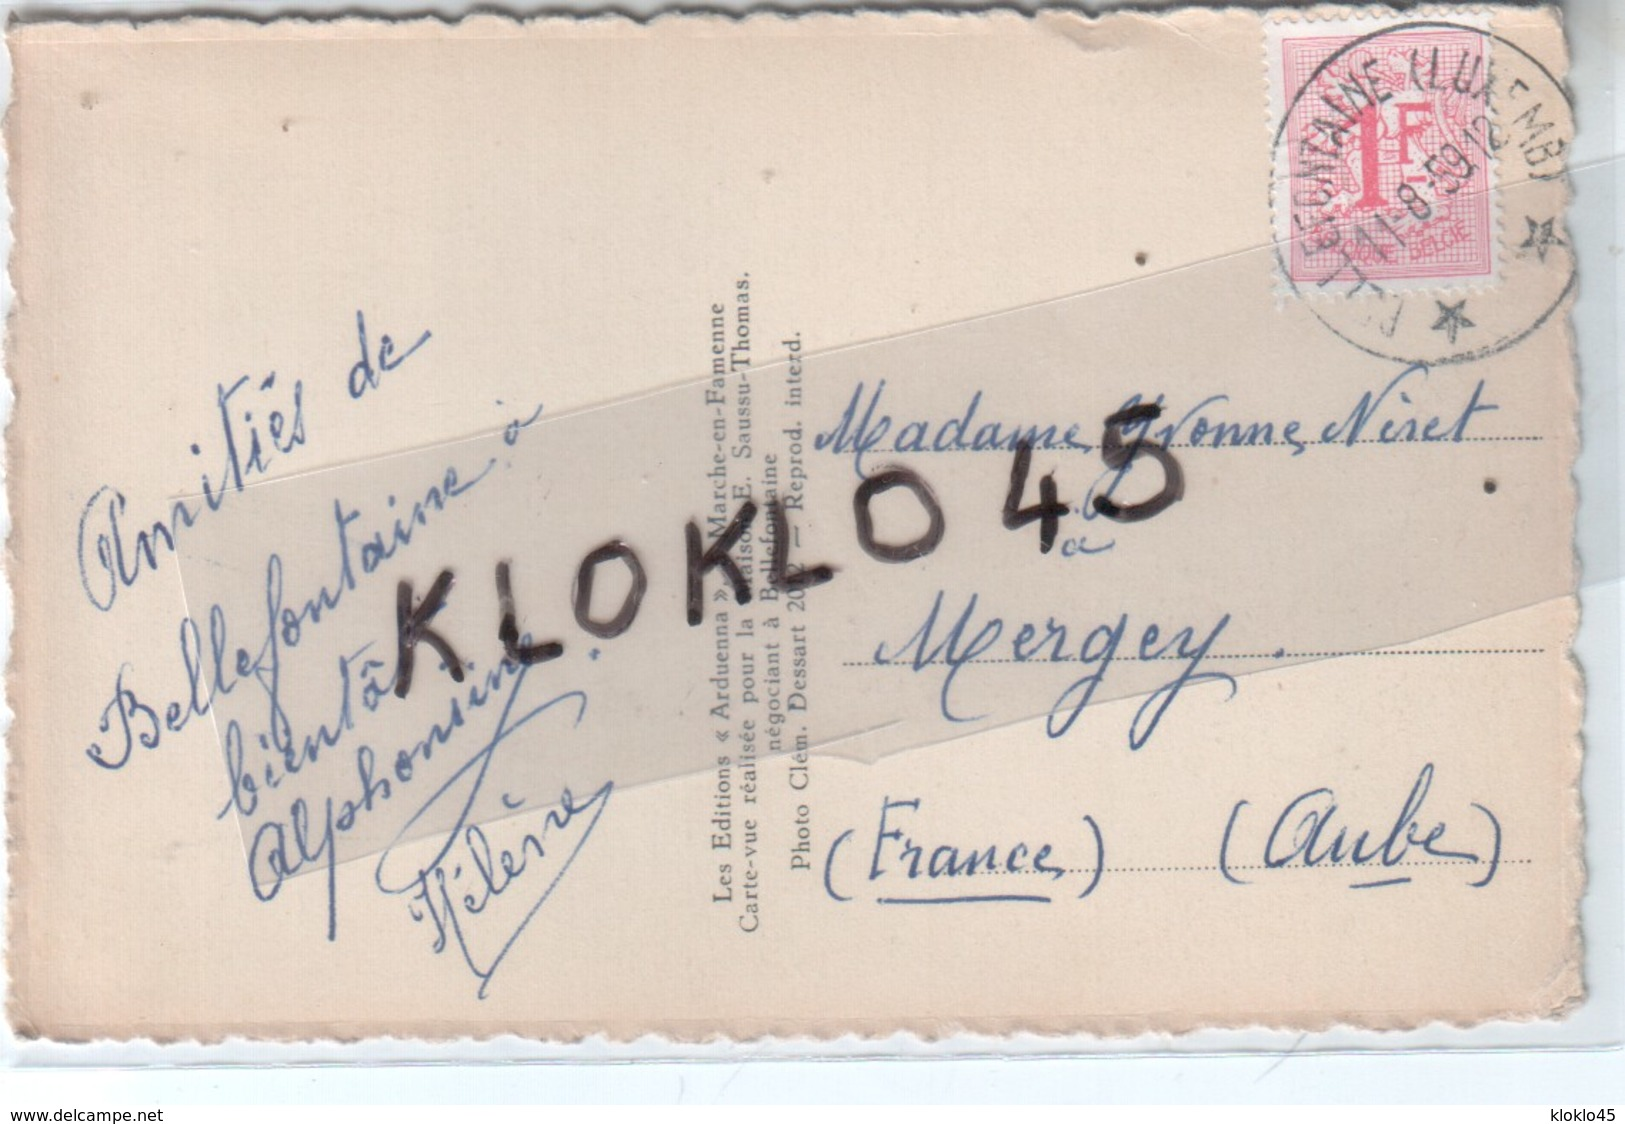 Luxembourg - Environs De Bellefontaine - L'Etang De La Soye - Cygnes Sur Le Cac  Entourré De Sapins - CPSM Glacée - Postcards